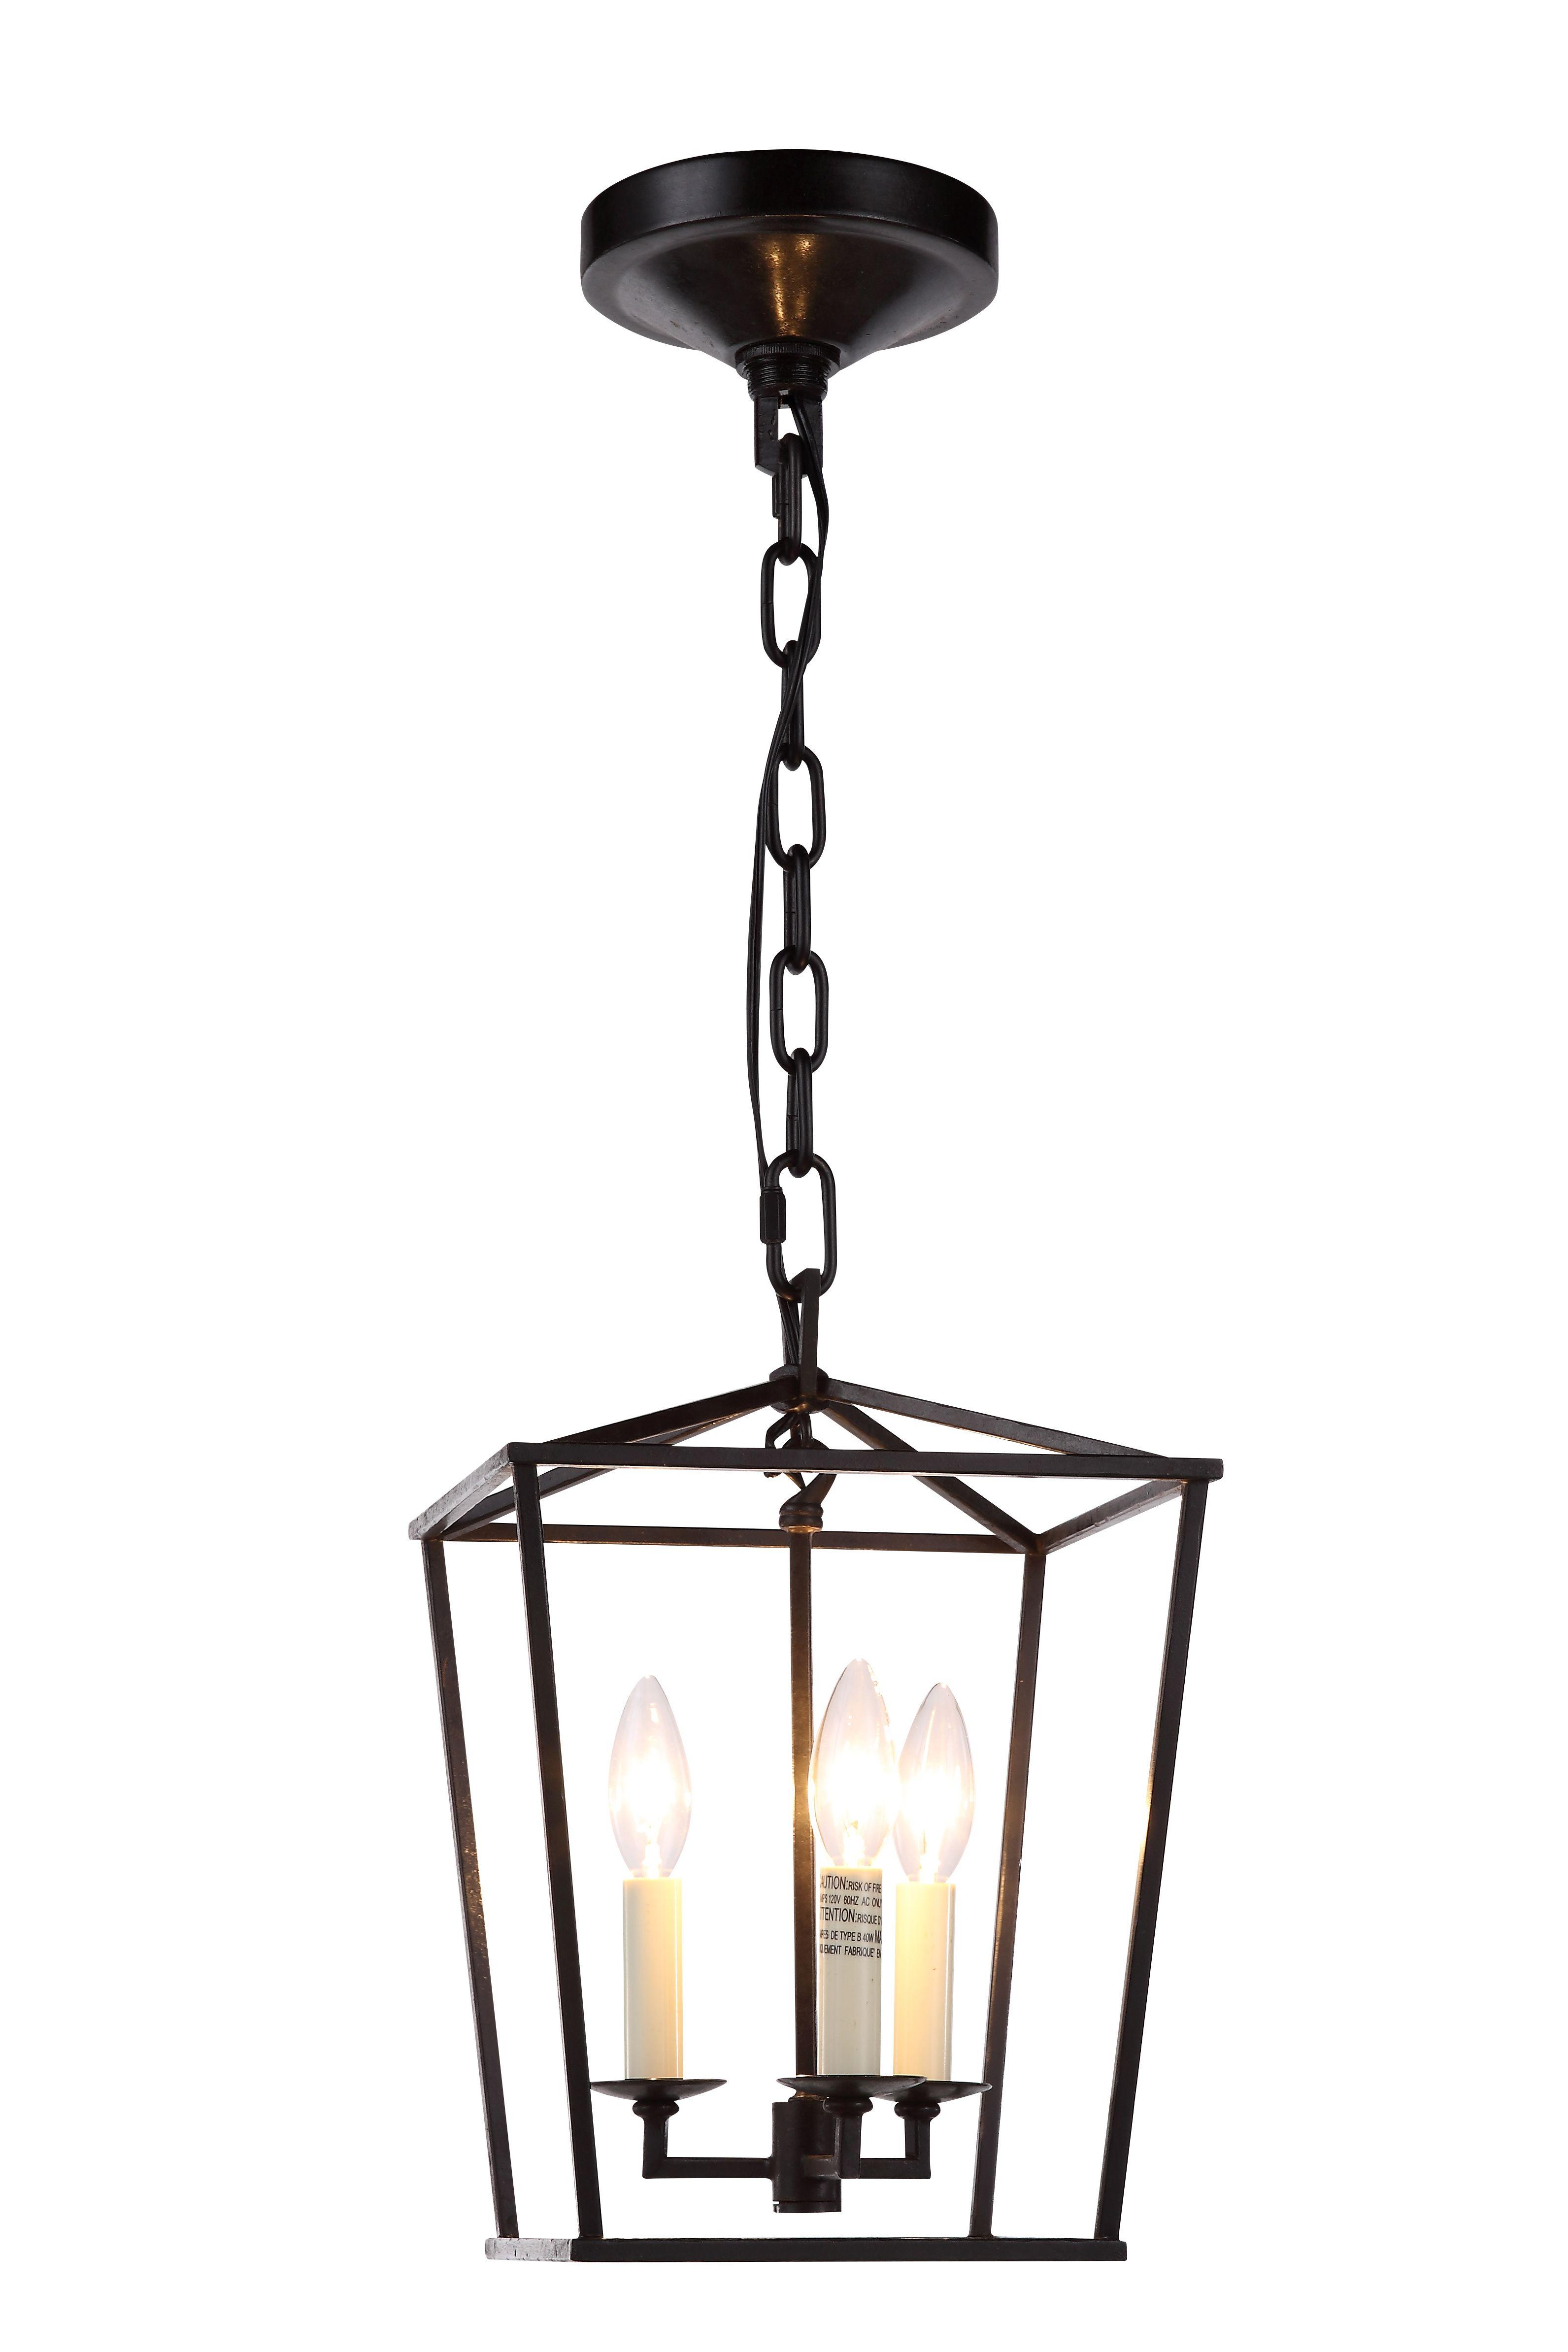 Buy the Elegant Lighting 1422D9VB Pendant Lights at LightingEtc